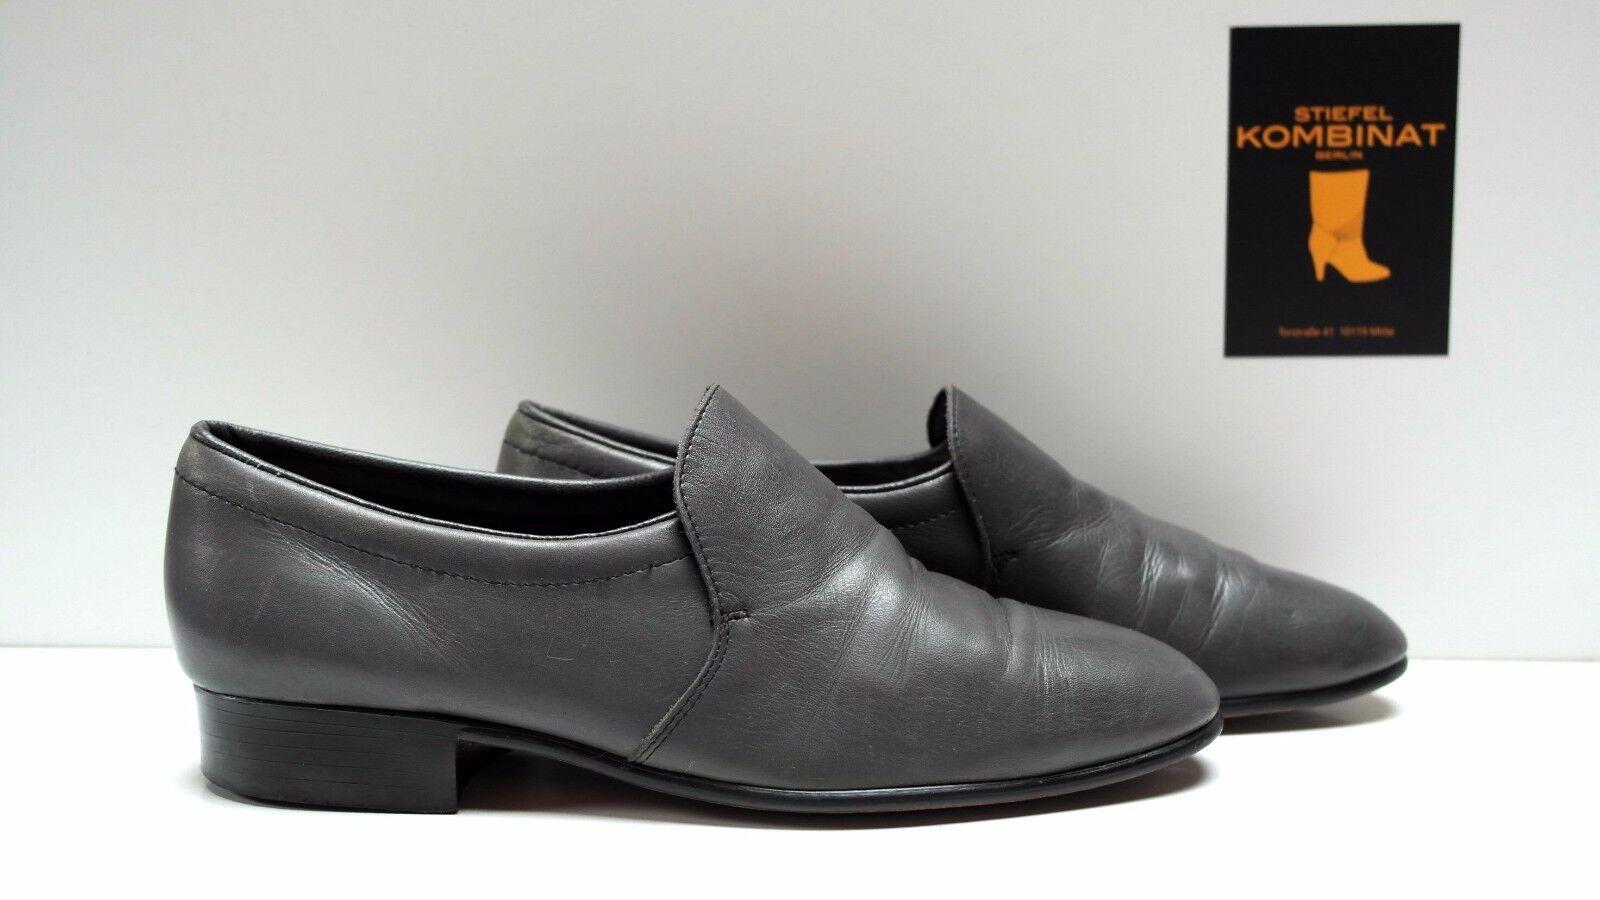 Gallus zapatos caballero zapatos zapato bajo cuero d 40 40 40 UK 6,5 Slipper loafer True Vintage  promociones de descuento